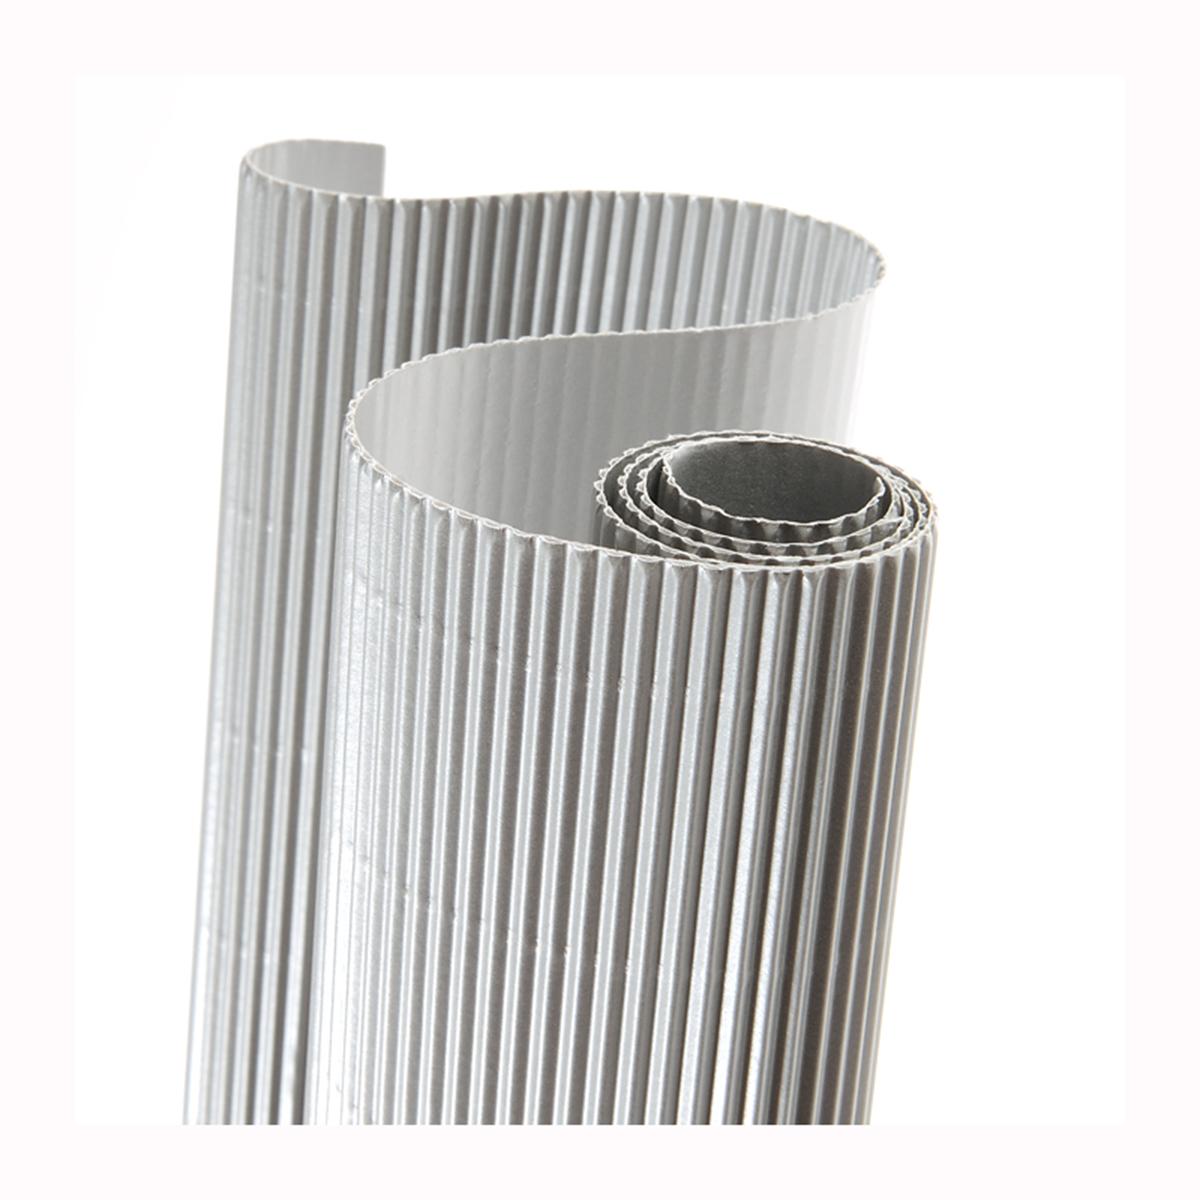 Картон гофрированный Folia, цвет: серебро, 50 х 70 см7710889_60 сереброДвухслойный гофрированный картон Folia в основном применяется для декорирования. Он состоит из одного слоя плоского картона и слоя бумаги, имеющую волнообразную (гофрированную) форму. Отличается малым весом и высокими физическими параметрами.Применение: для дизайнерских и оформительских работ, для декоративного детского творчества. Также такой материал хорошо зарекомендовал себя в качестве упаковочного материала.